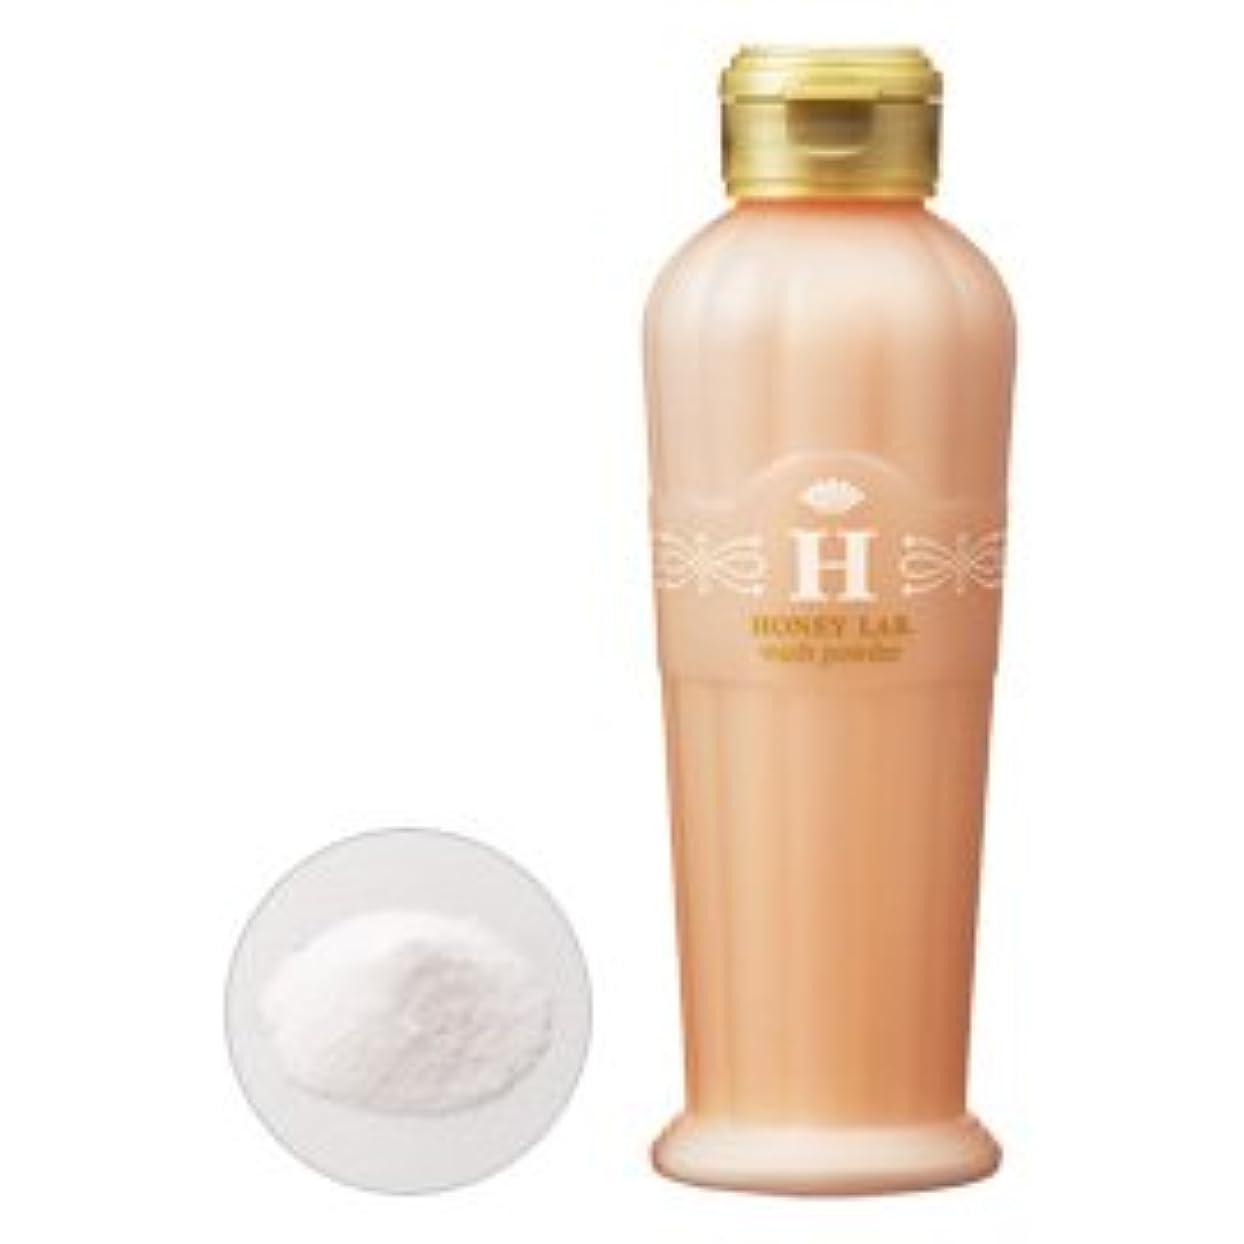 抑止する帝国主義待つハニーラボ 洗顔パウダー 粉末状洗顔料 60g/Honey lab Face Wash Powder <60g>